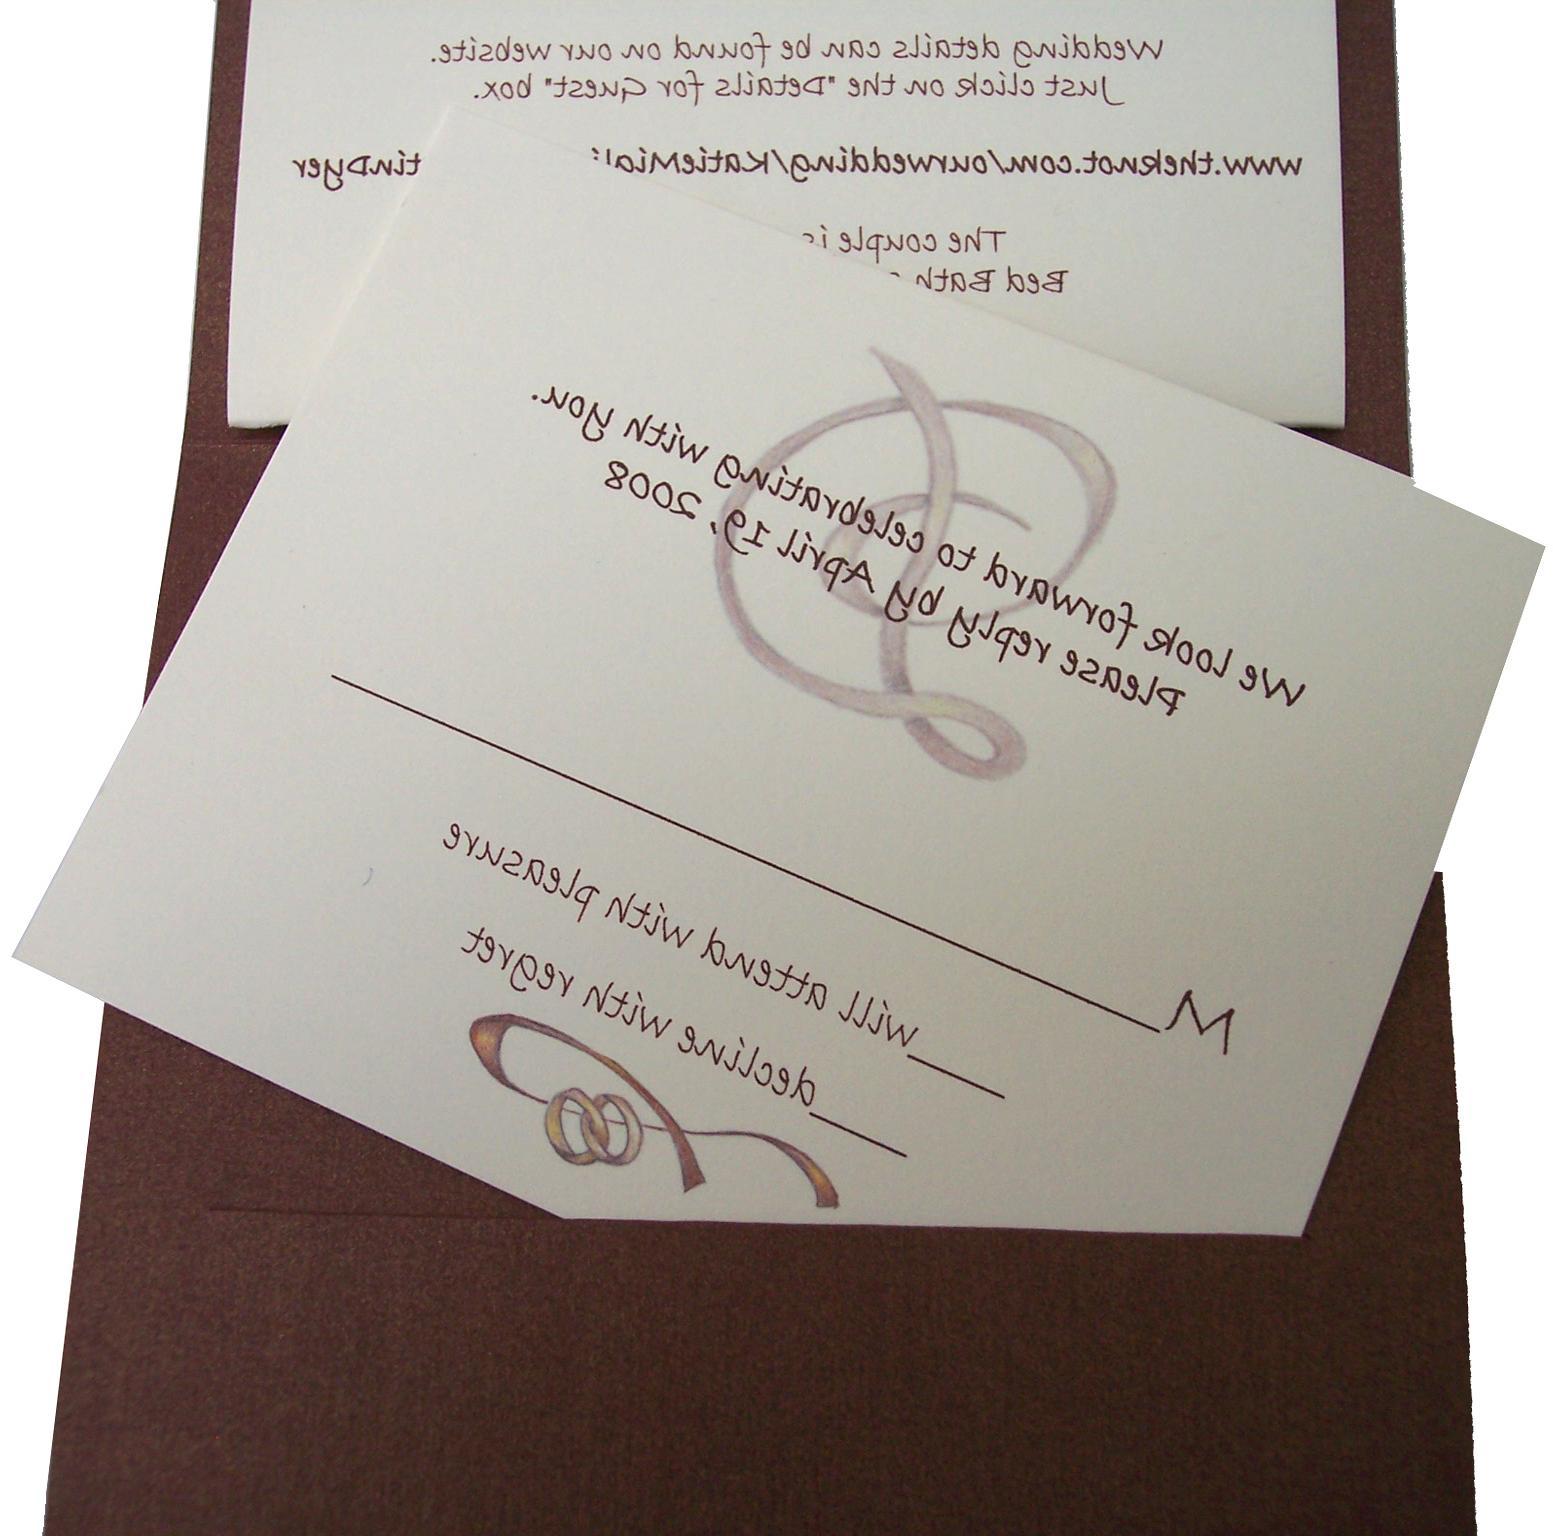 Fun Wedding Rsvp Card Wording: Amberly's Blog: Fun Response RSVP Card Wording